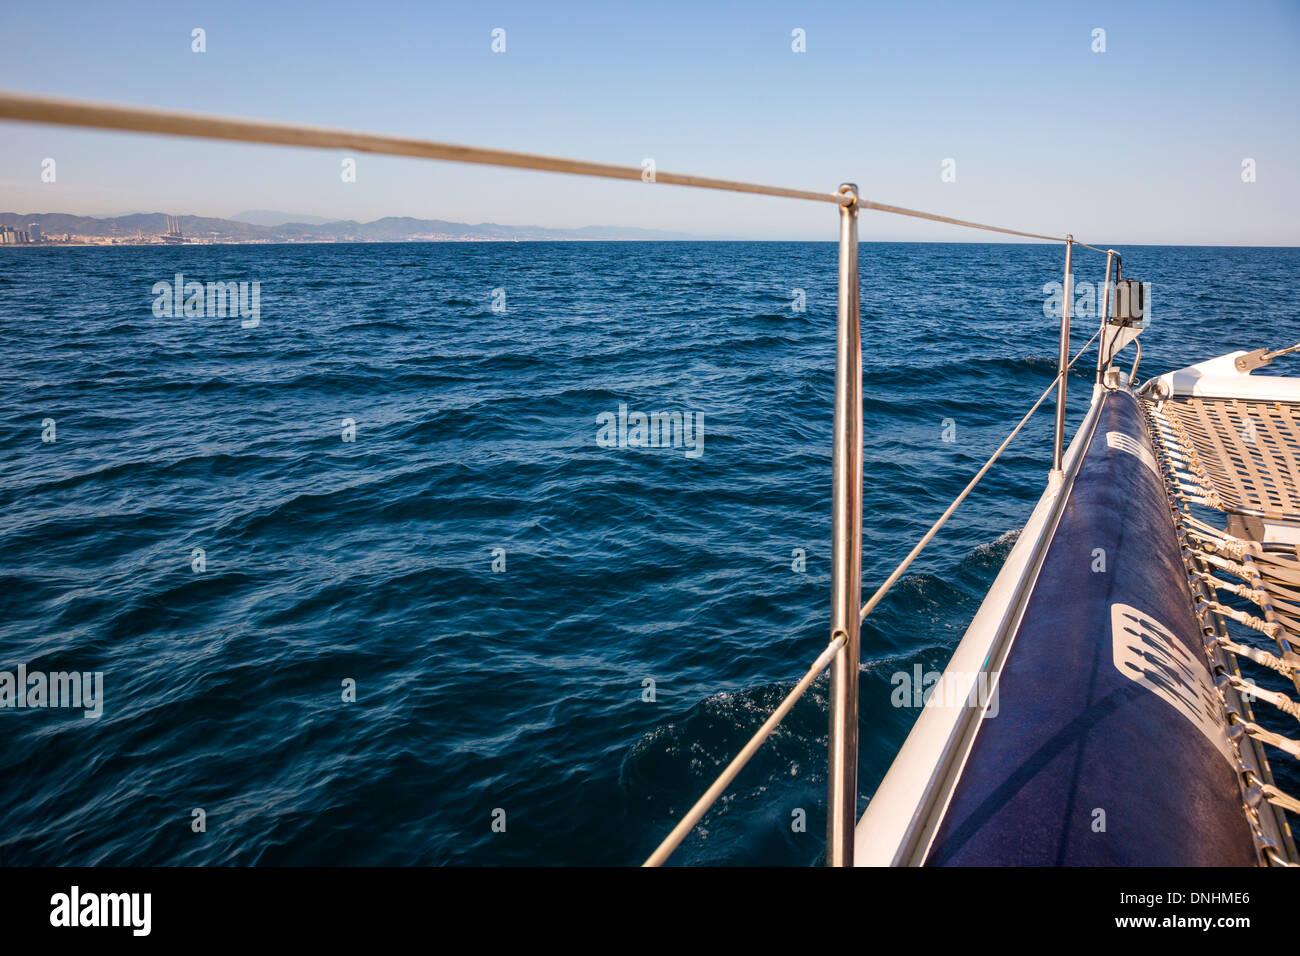 Bateau dans la mer, Barcelone, Catalogne, Espagne Banque D'Images